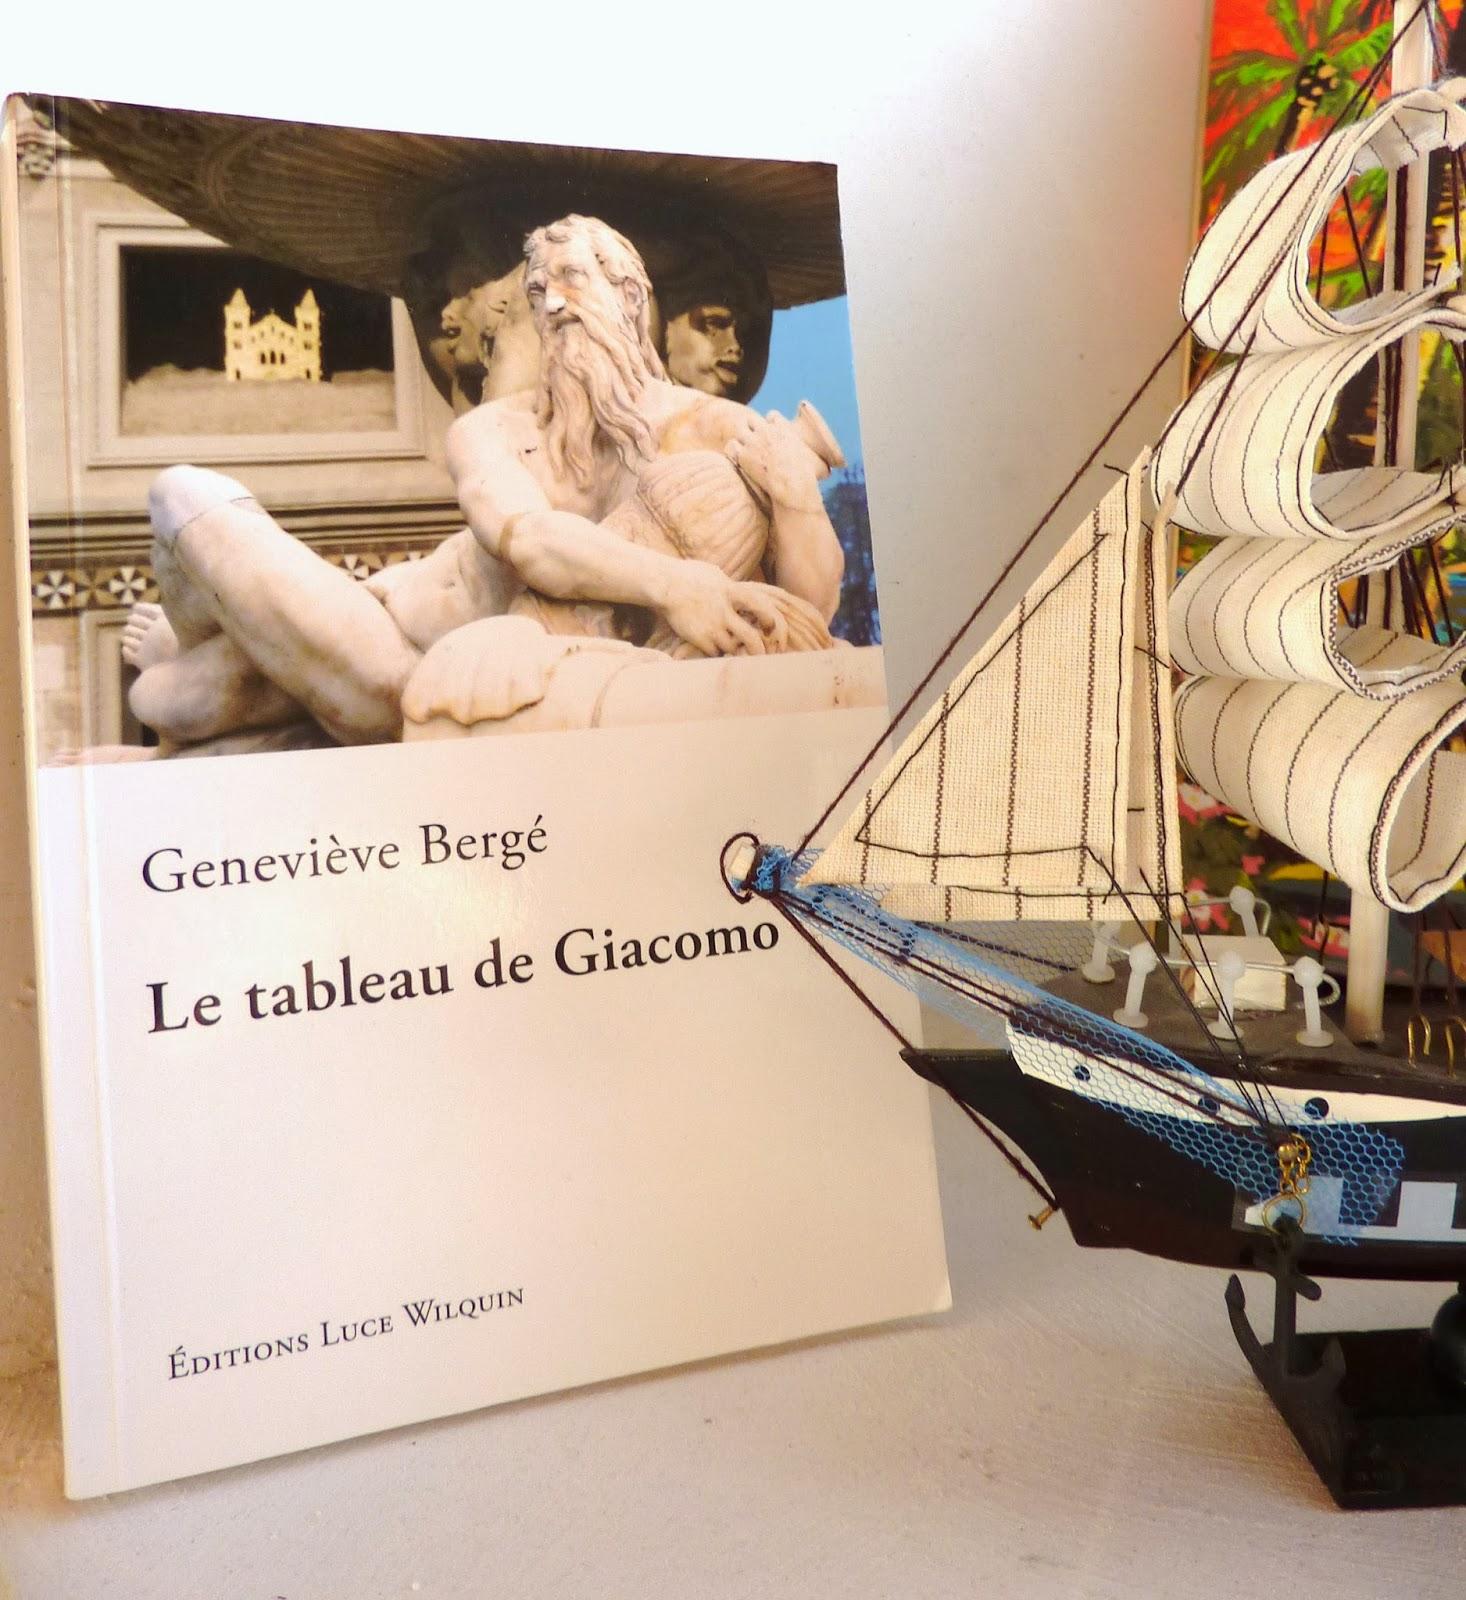 Le tableau de Giacomo - Geneviève Bergé